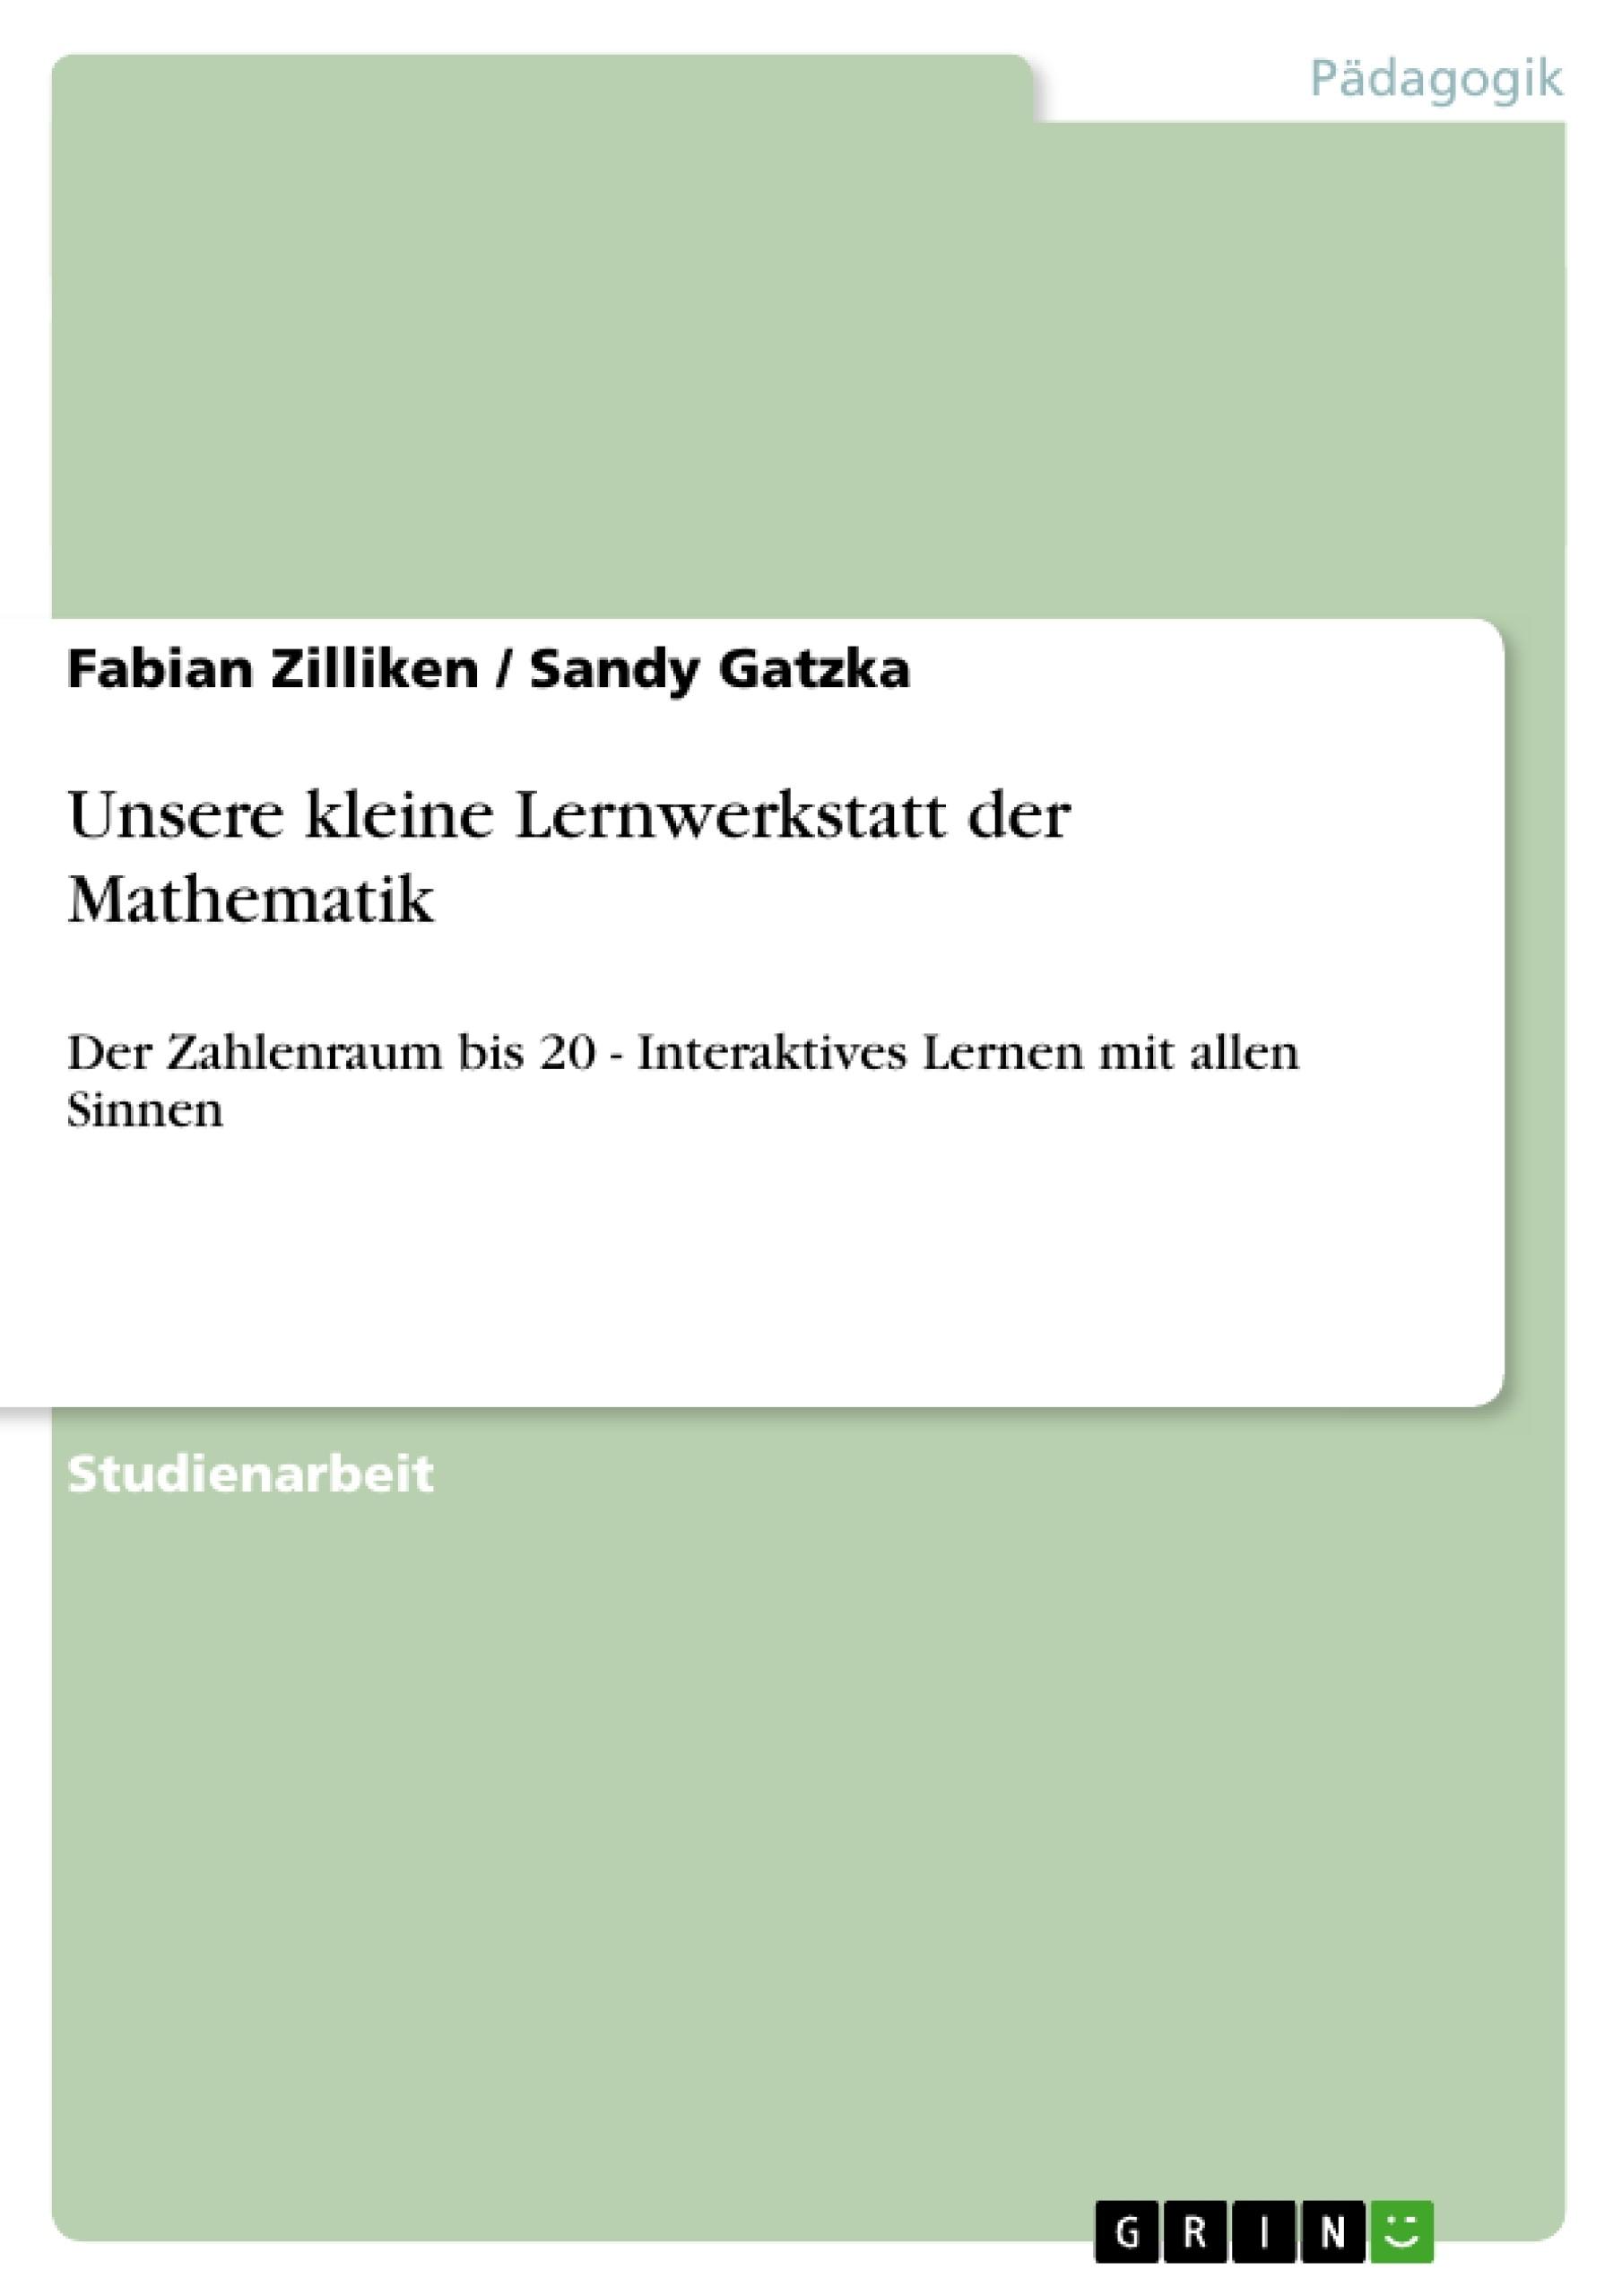 Titel: Unsere kleine Lernwerkstatt der Mathematik